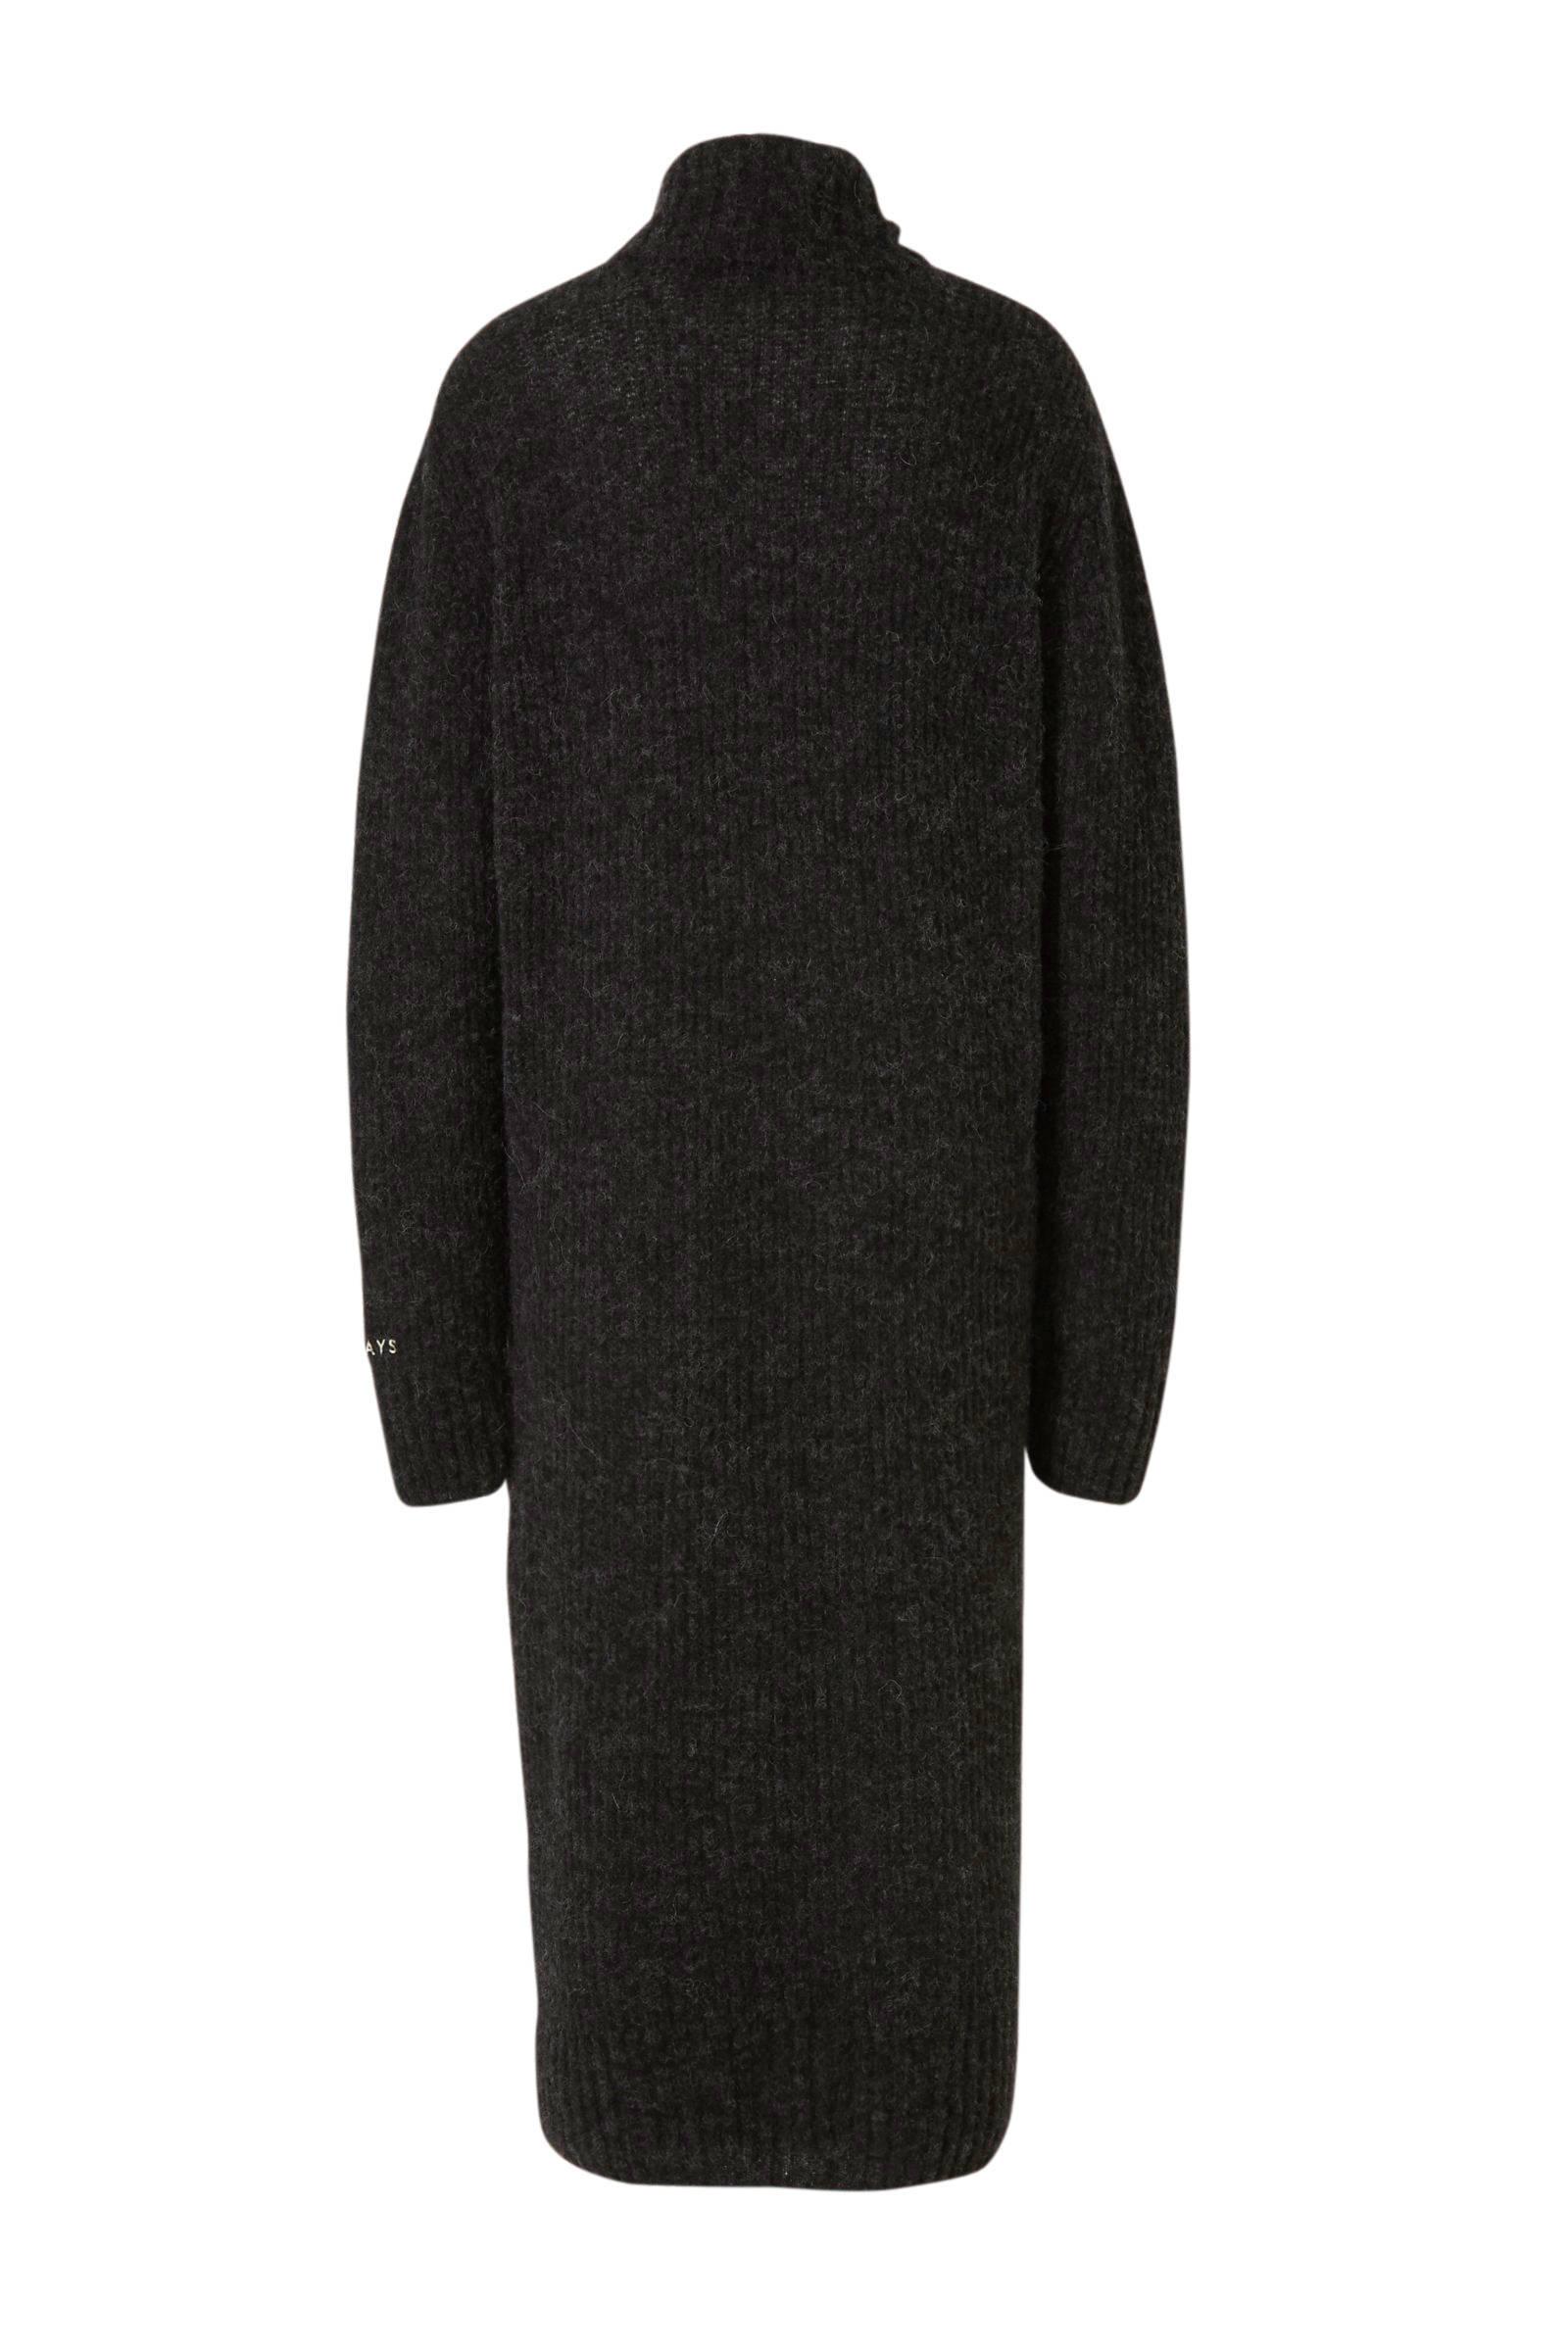 10DAYS gemêleerde gebreide jurk met wol zwart gemêleerd